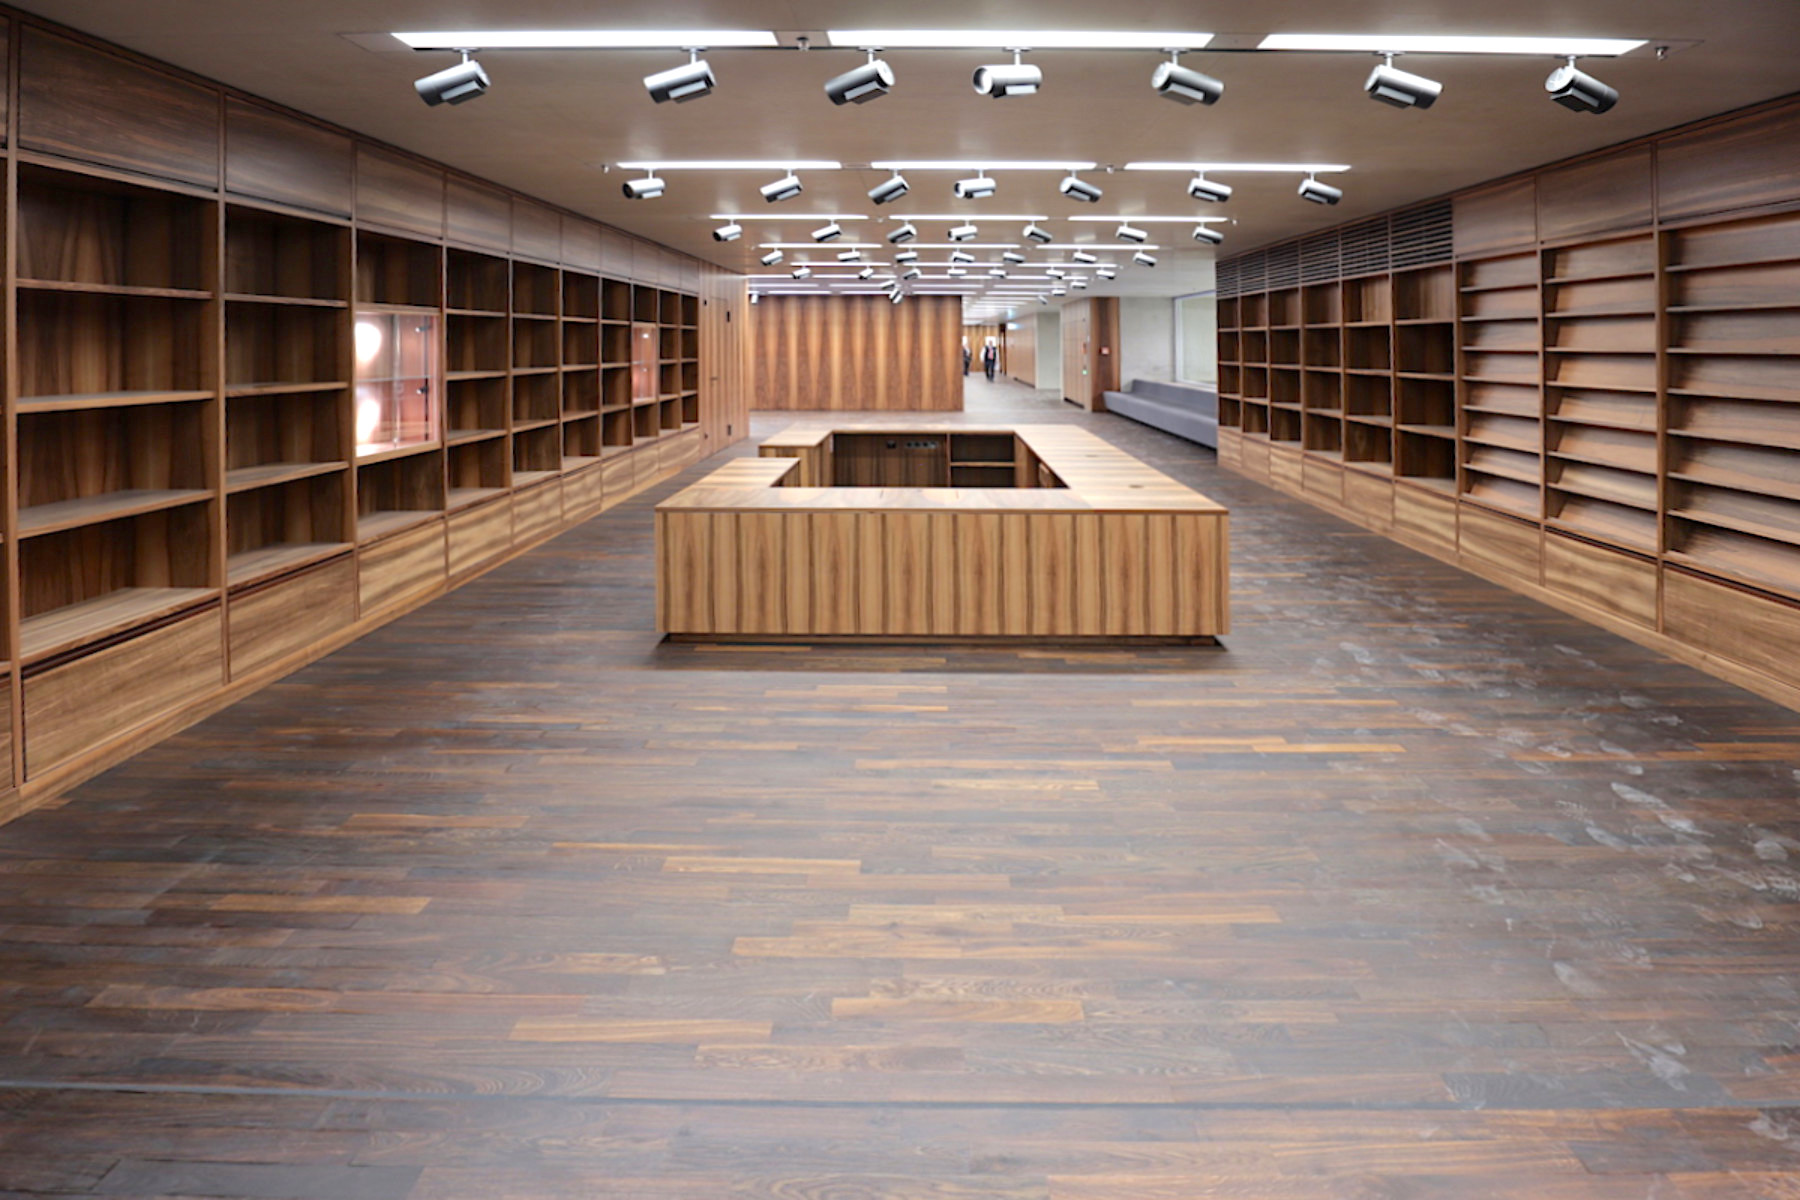 James-Simon-Galerie. ... mit Einbauten aus französischem Nussbaum. Hier der künftige Museumsshop.